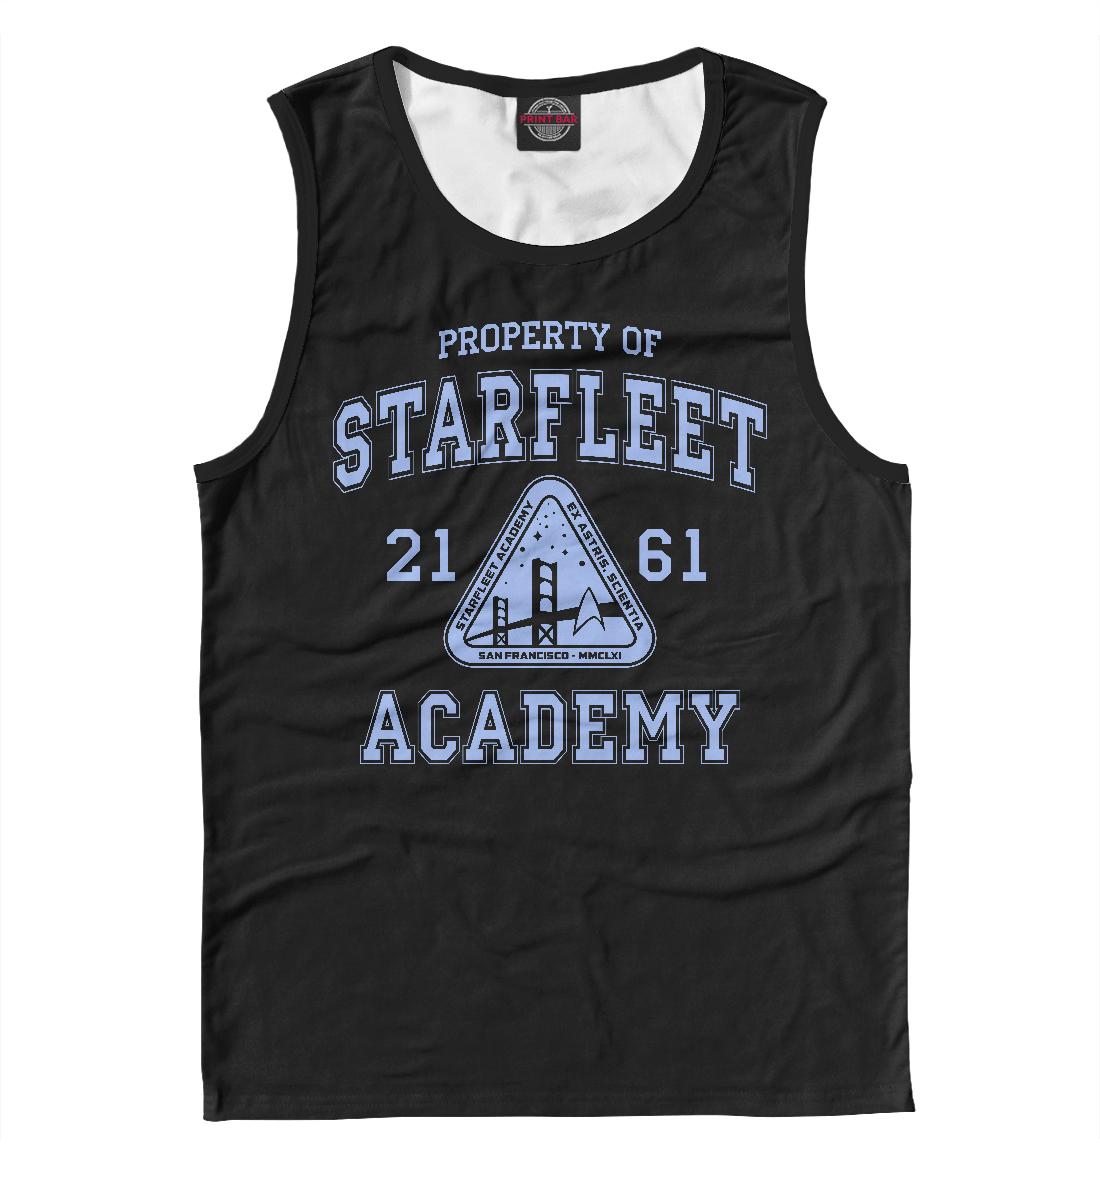 Купить Академия Звёздного флота, Printbar, Майки, STT-111614-may-2